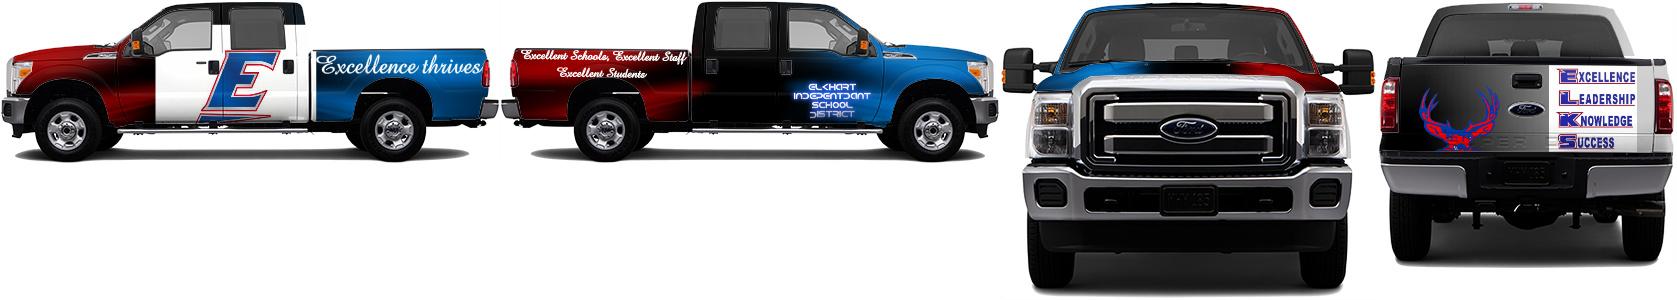 Truck Wrap #49398